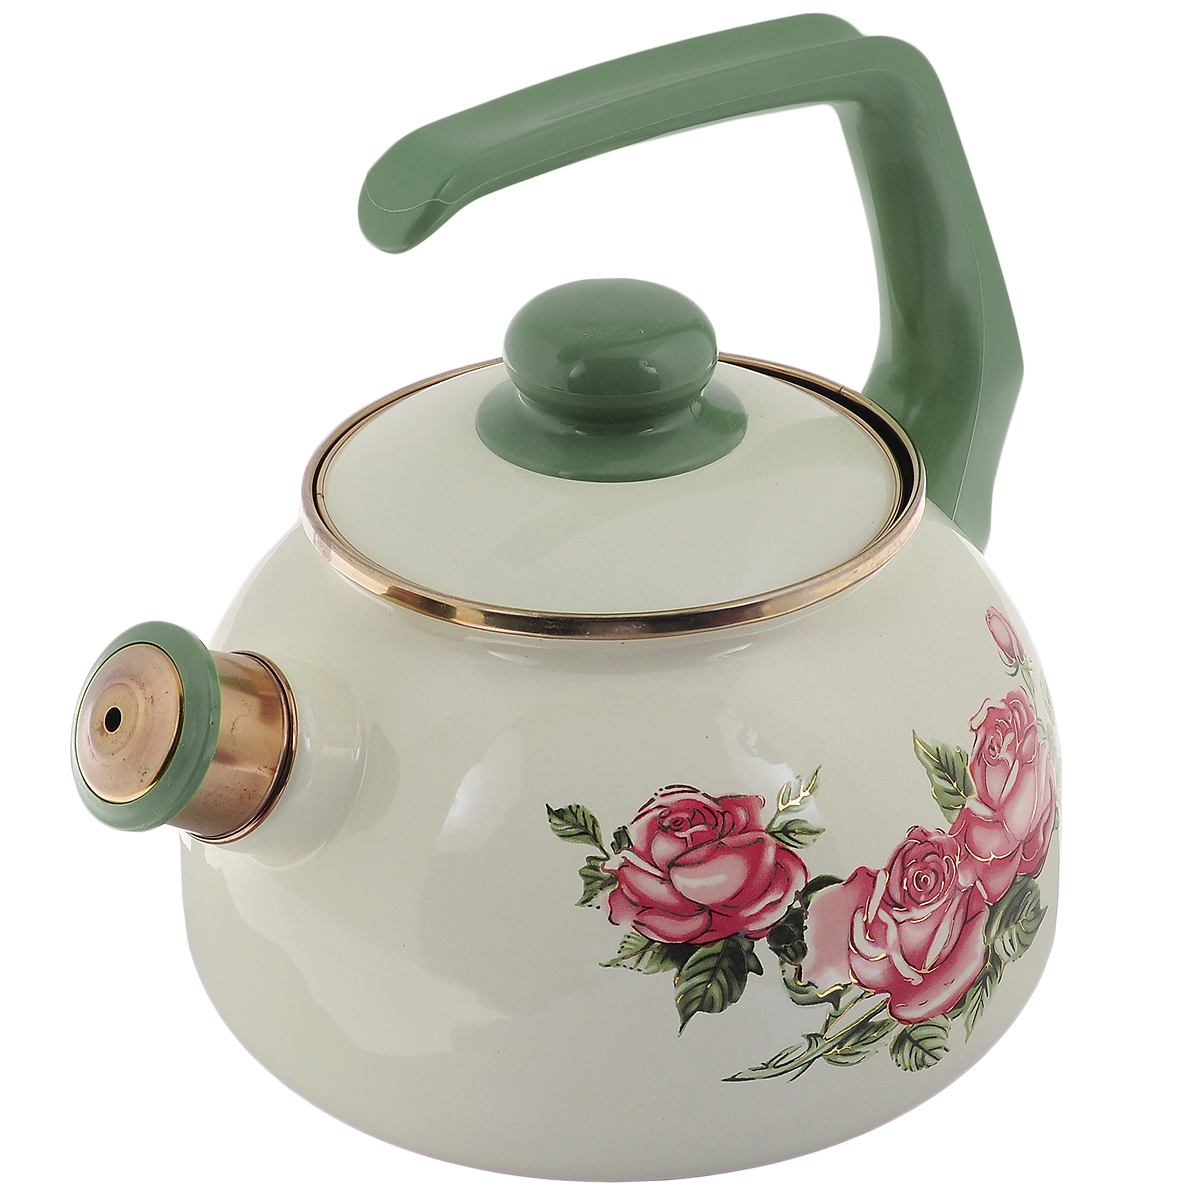 Чайник Metrot Роза, со свистком, 2,5 лVT-1520(SR)Чайник Metrot Роза выполнен из высококачественной стали, что обеспечивает долговечность использования. Внешнее цветное эмалевое покрытие придает приятный внешний вид. Бакелитовая фиксированная ручка делает использование чайника очень удобным и безопасным. Чайник снабжен съемным свистком.Можно мыть в посудомоечной машине. Пригоден для всех видов плит, включая индукционные.Высота чайника (без учета крышки и ручки): 13 см.Диаметр (по верхнему краю): 13 см.